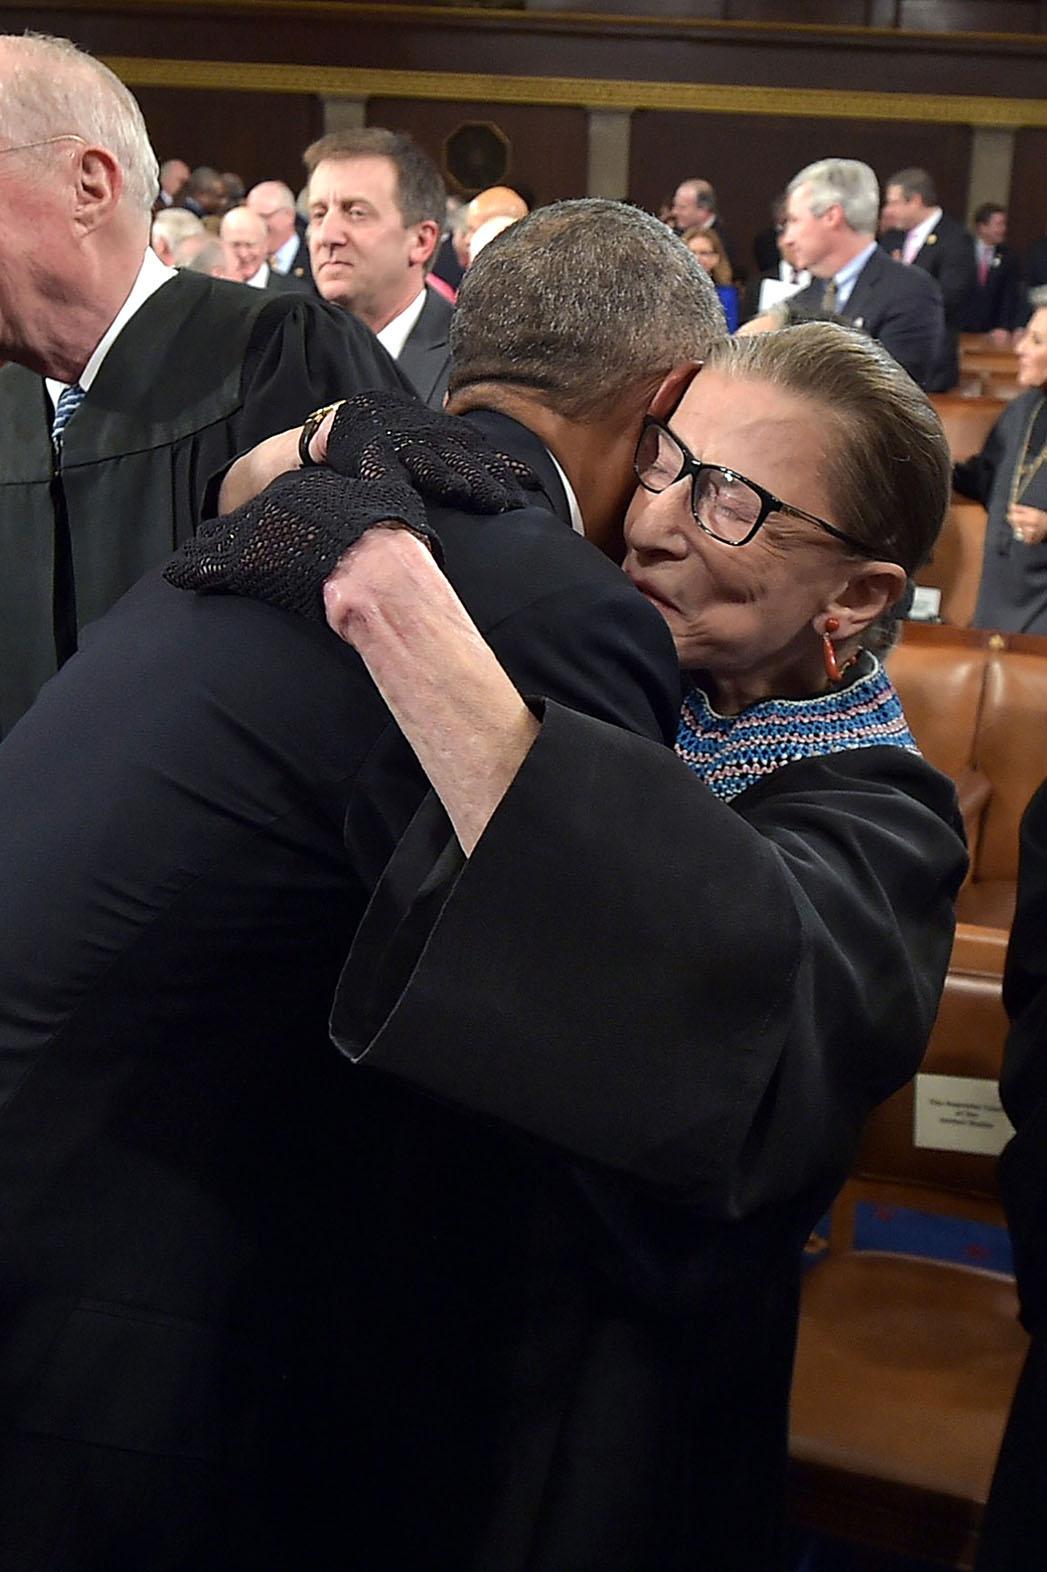 ruth bader ginsburg Hugging Obama - P 2015